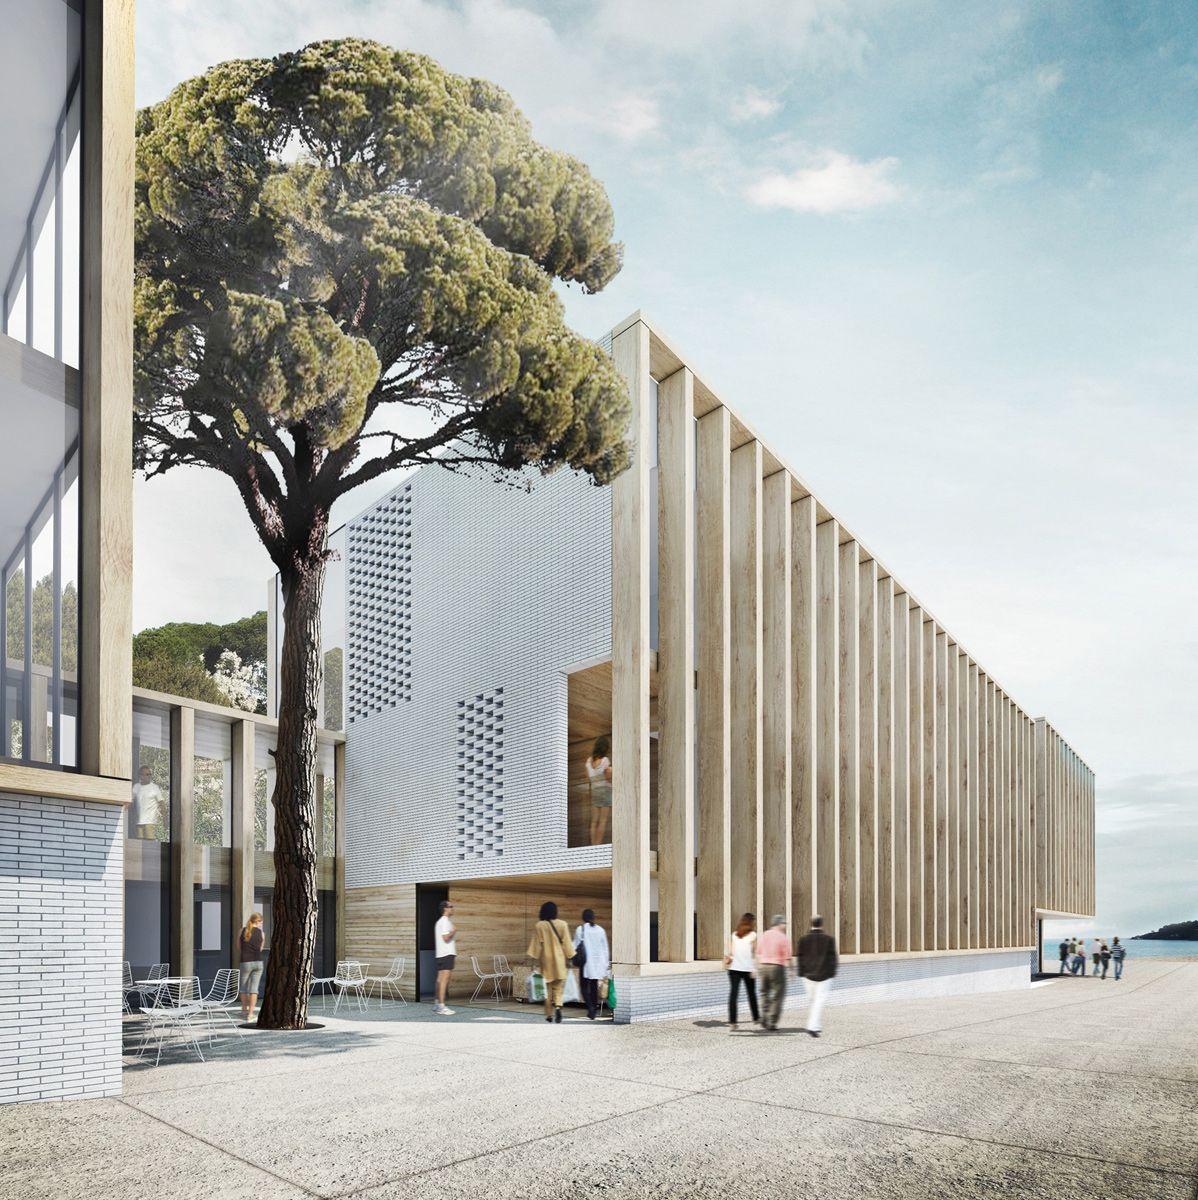 Baas arquitectura estudio de arquitectura barcelona design architecture pinterest - Estudio arquitectura barcelona ...